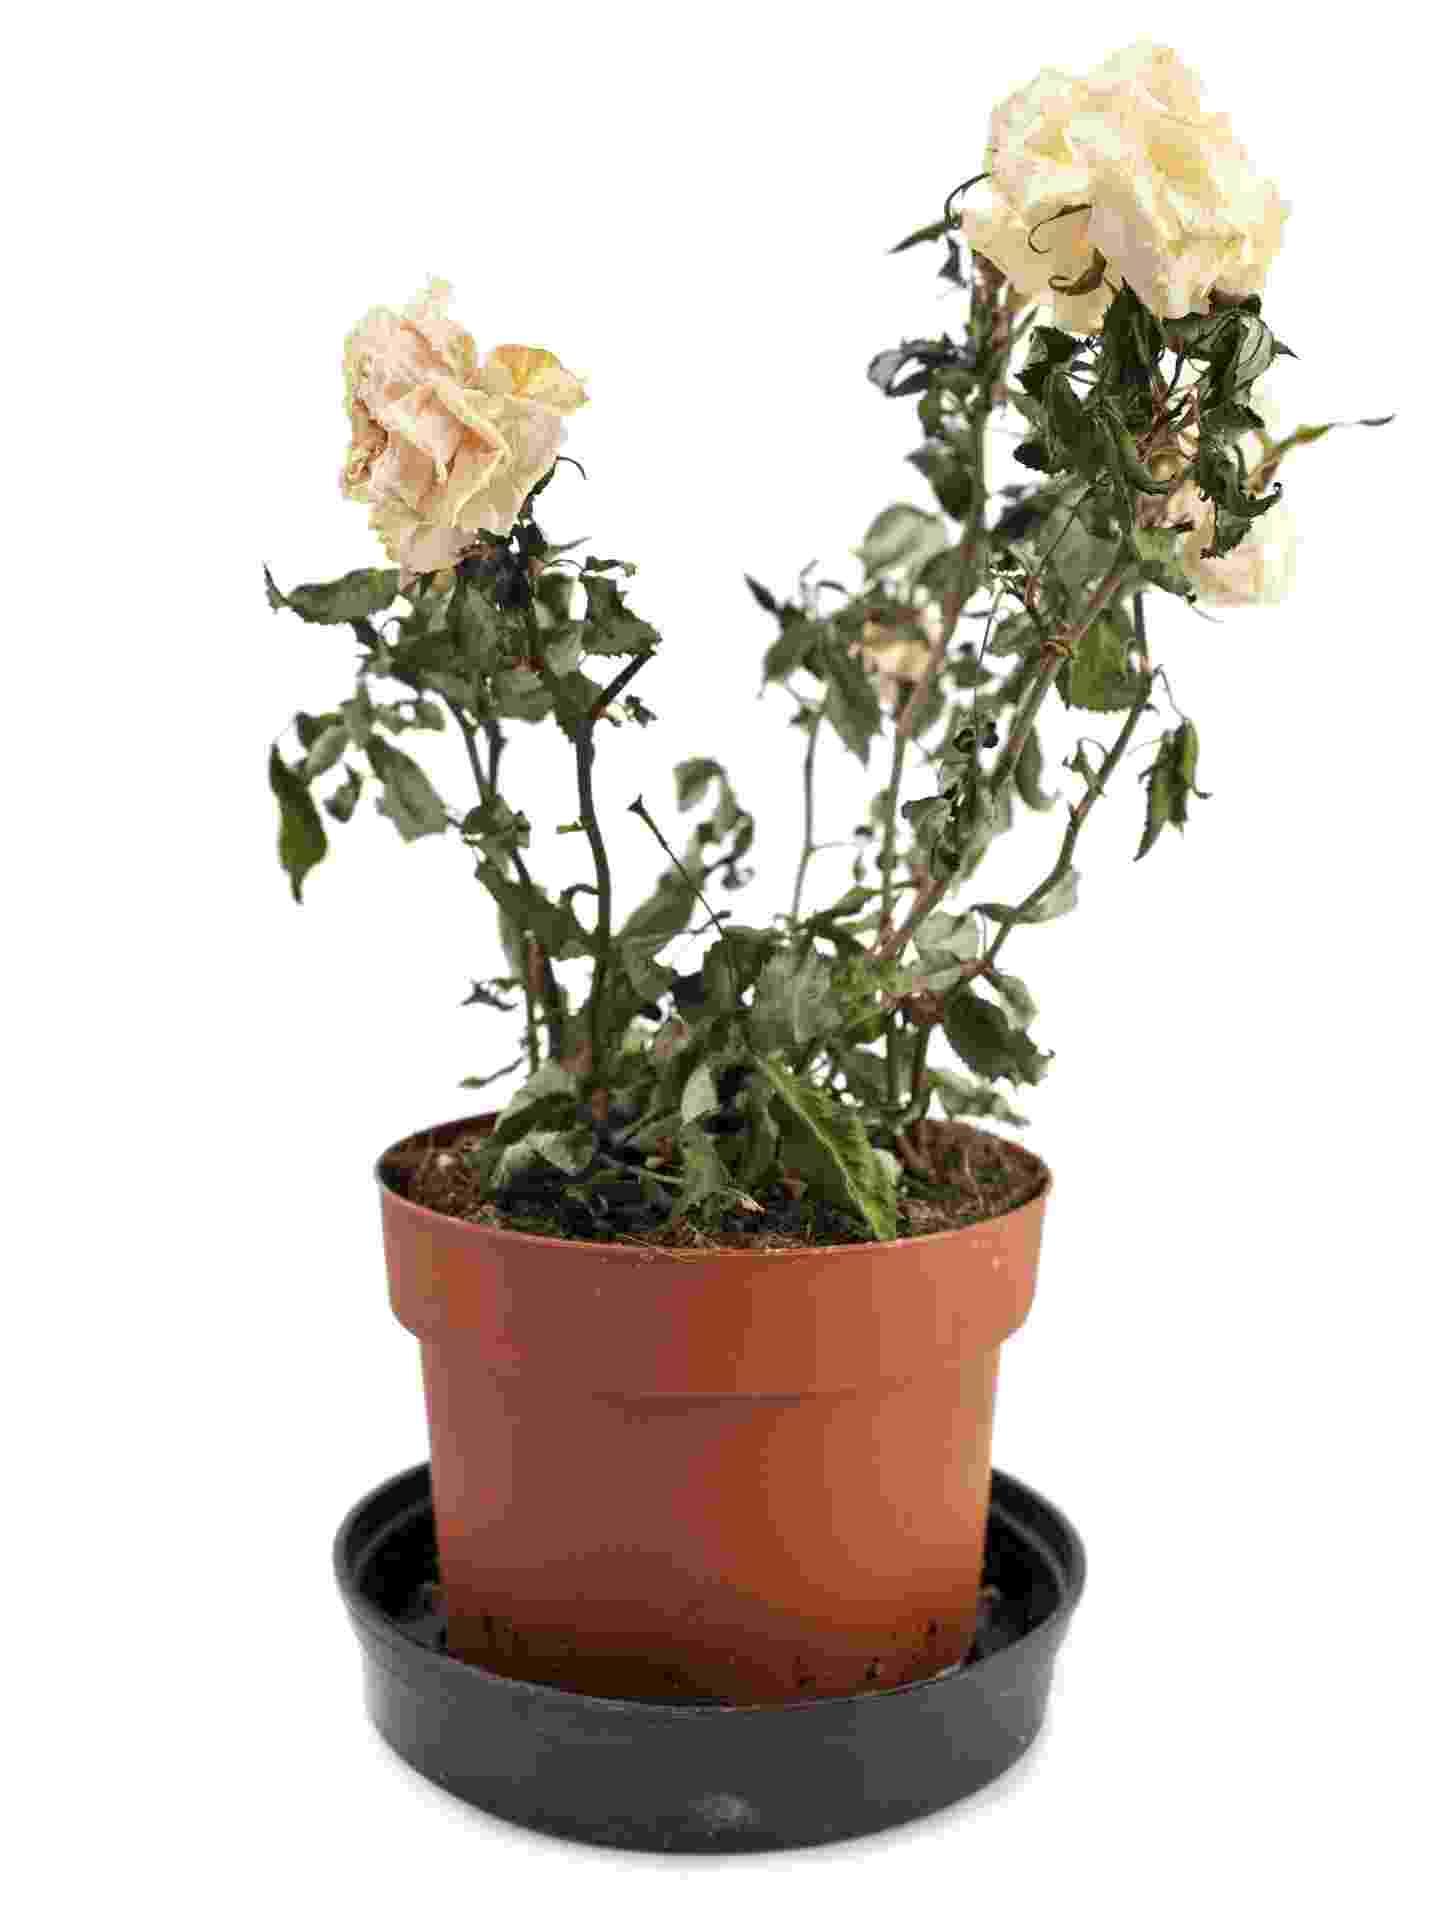 vaso com flores secas - Getty Images